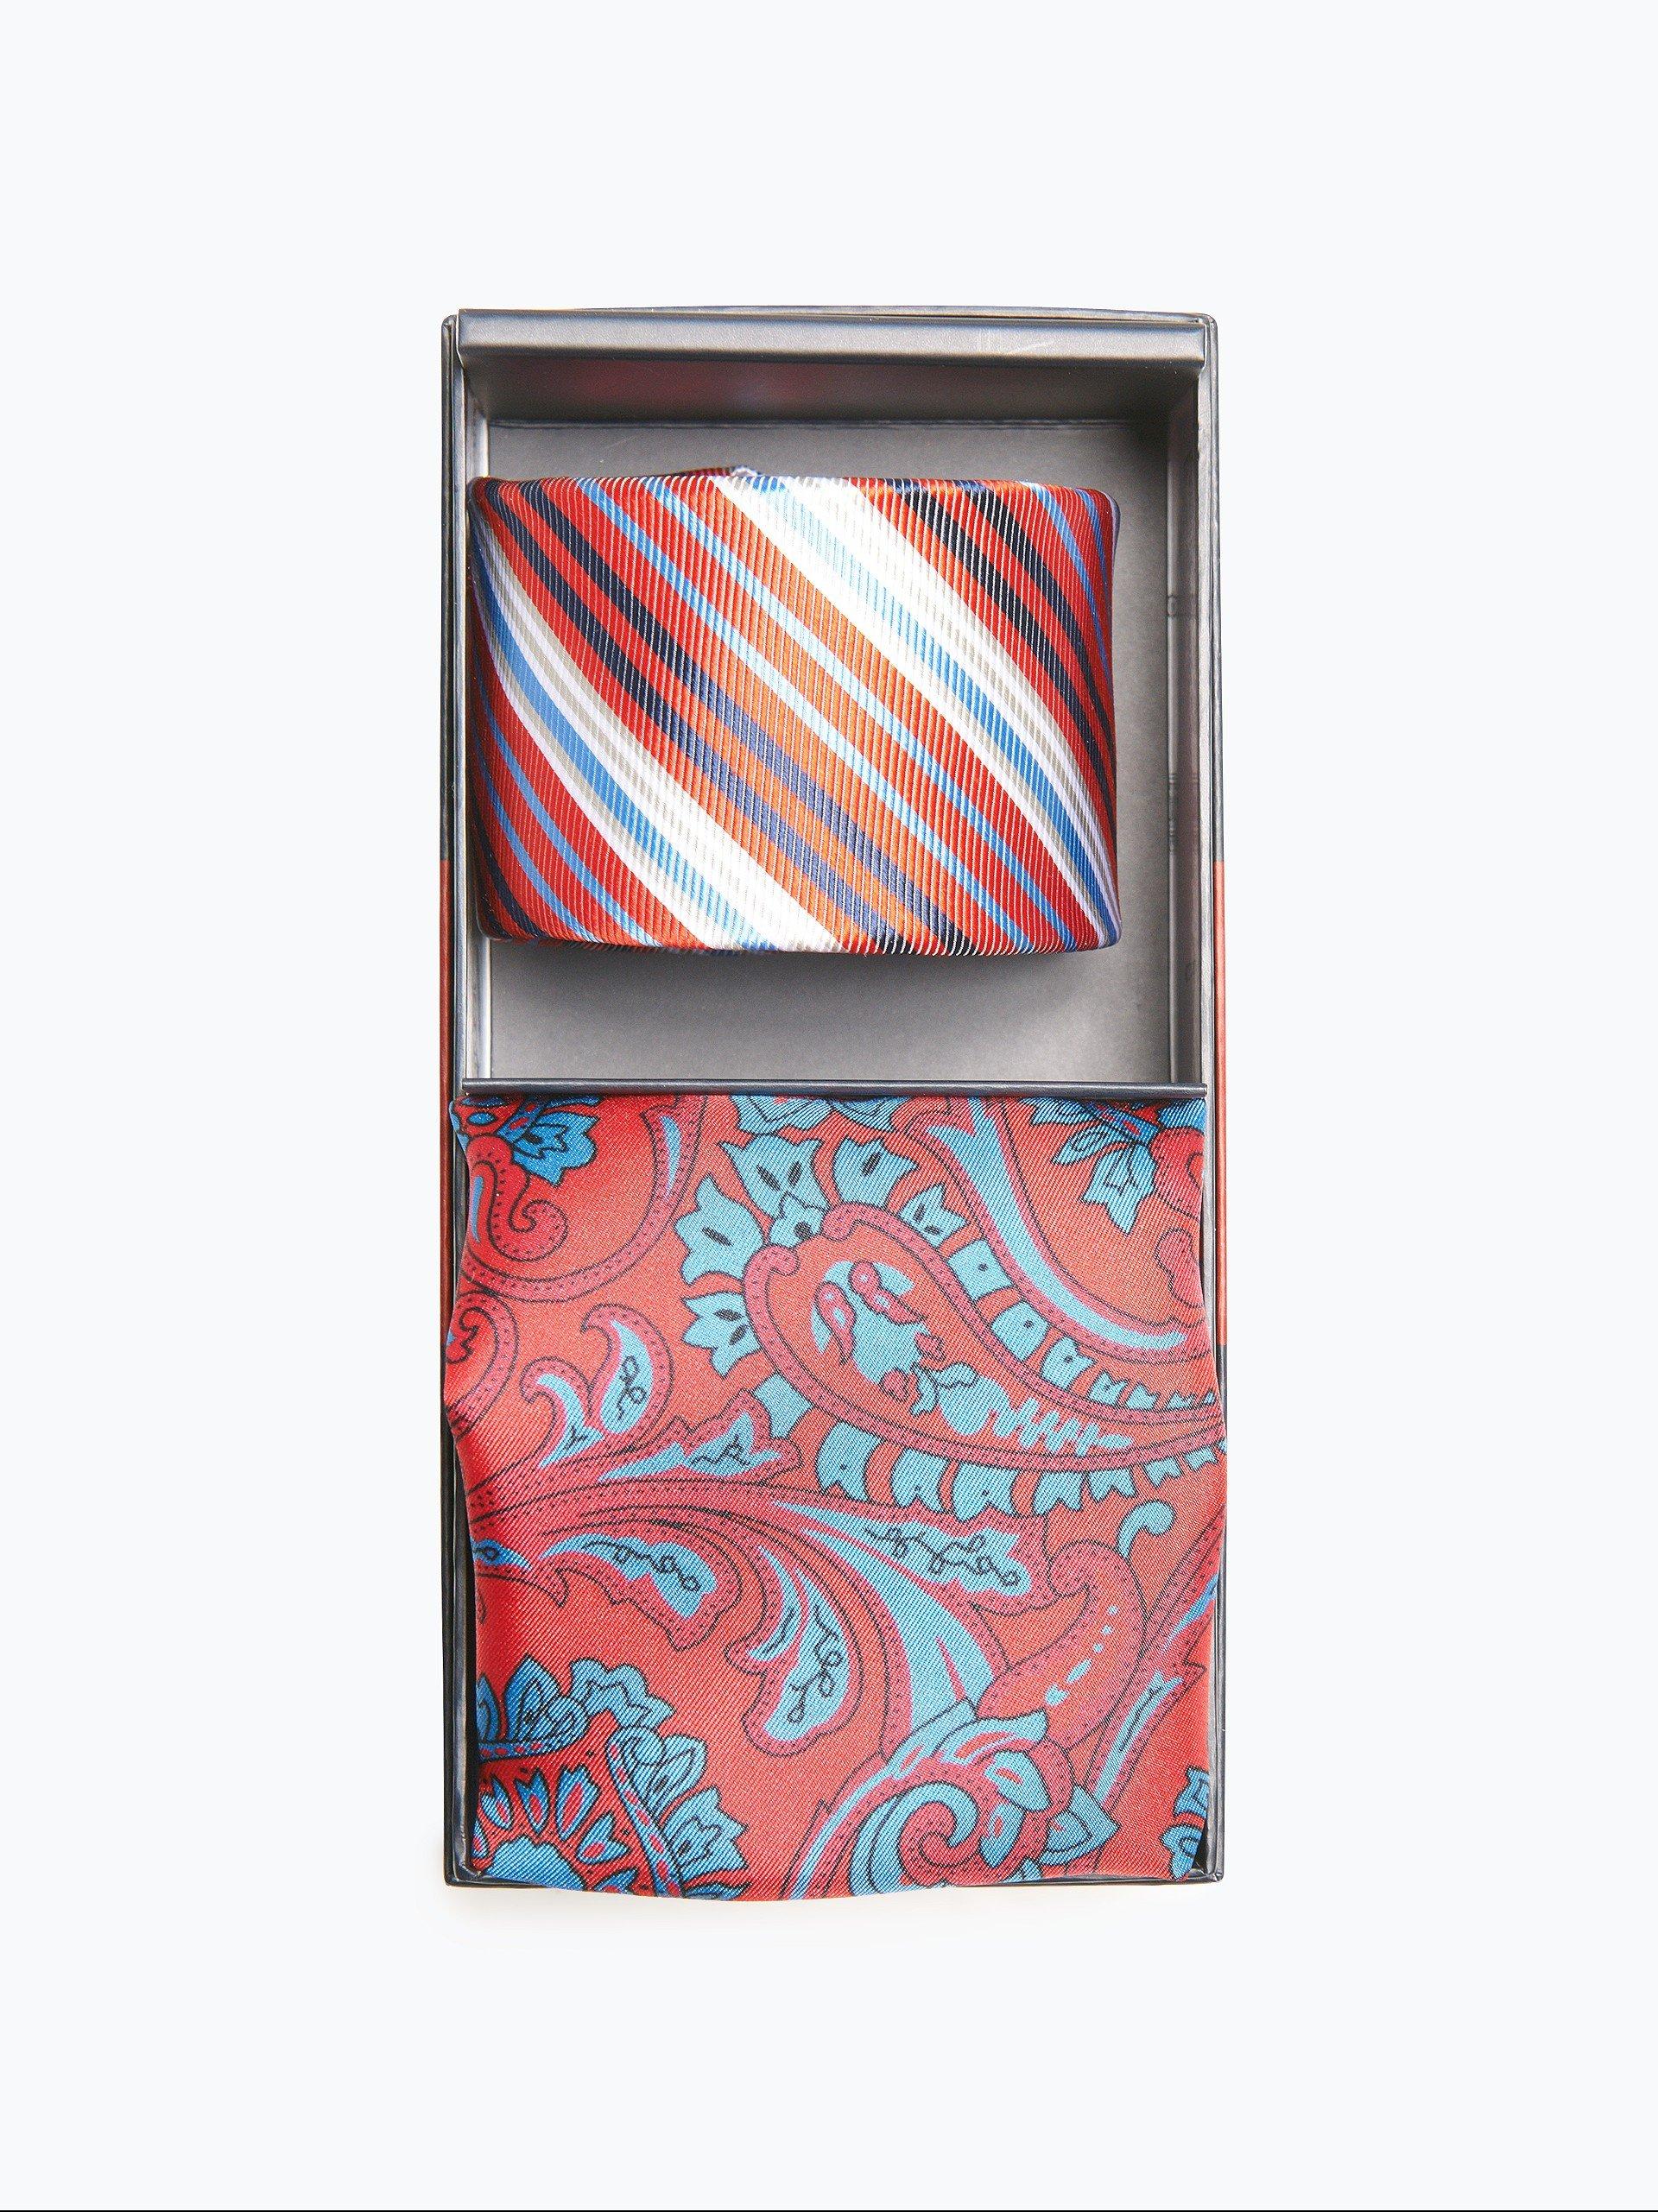 finshley harding london herren krawatte und einstecktuch aus seide rot gestreift online kaufen. Black Bedroom Furniture Sets. Home Design Ideas